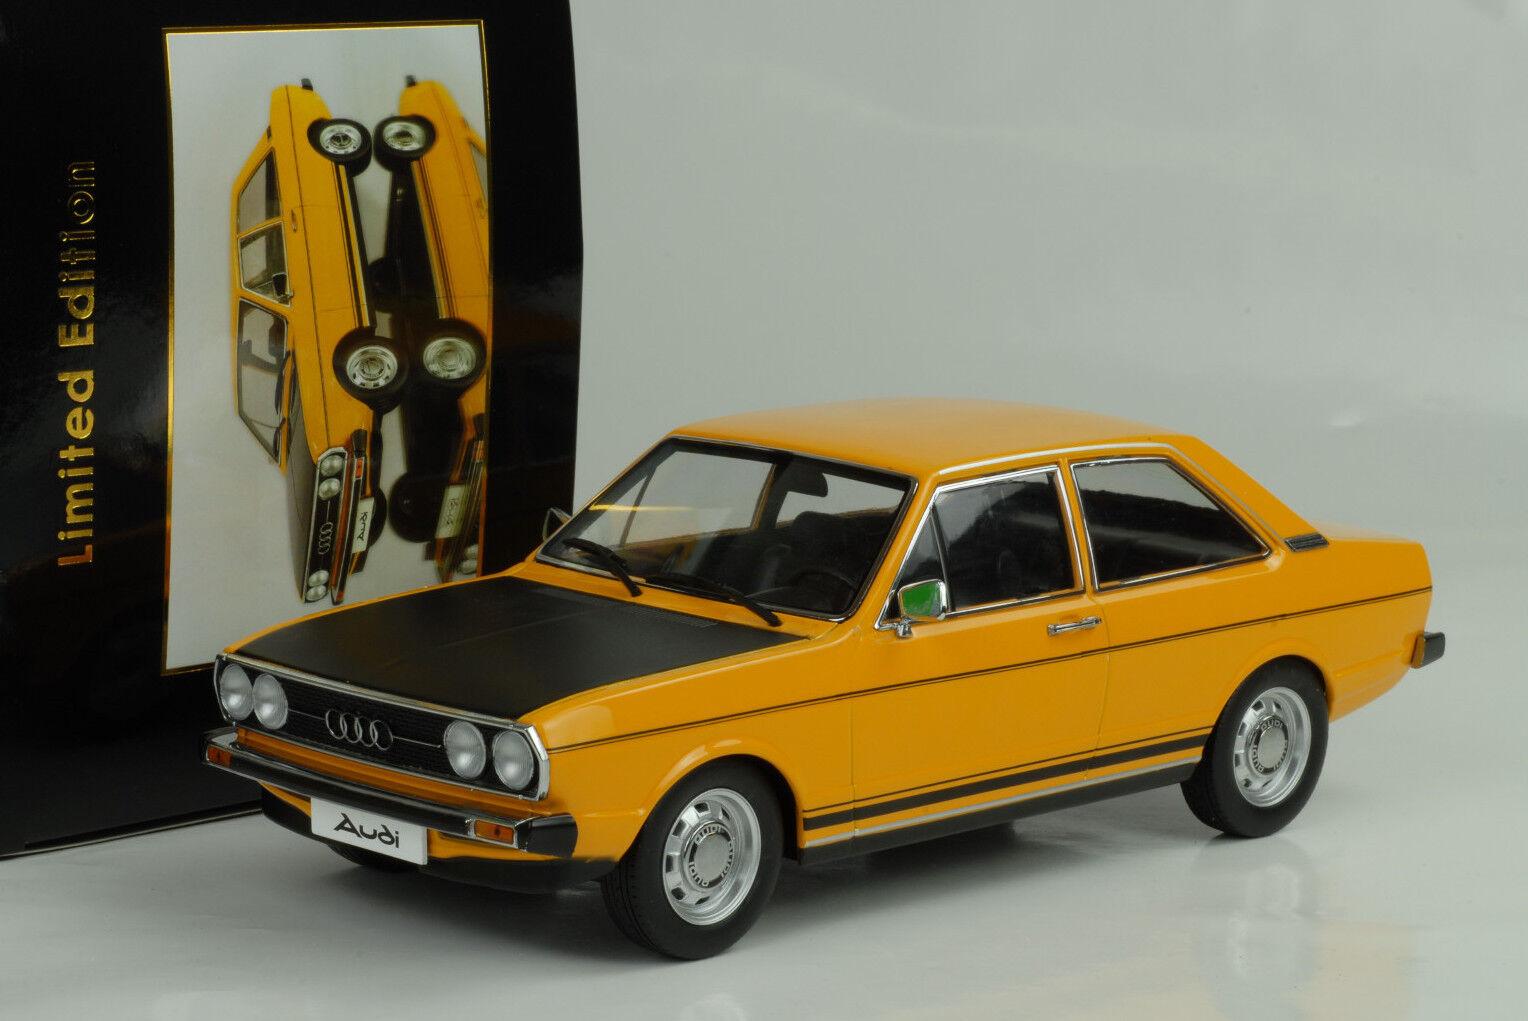 1975 1978i B1 80 GTE Ocher jaune   Noir Ocre   Noir 1 18 Kk Diecast